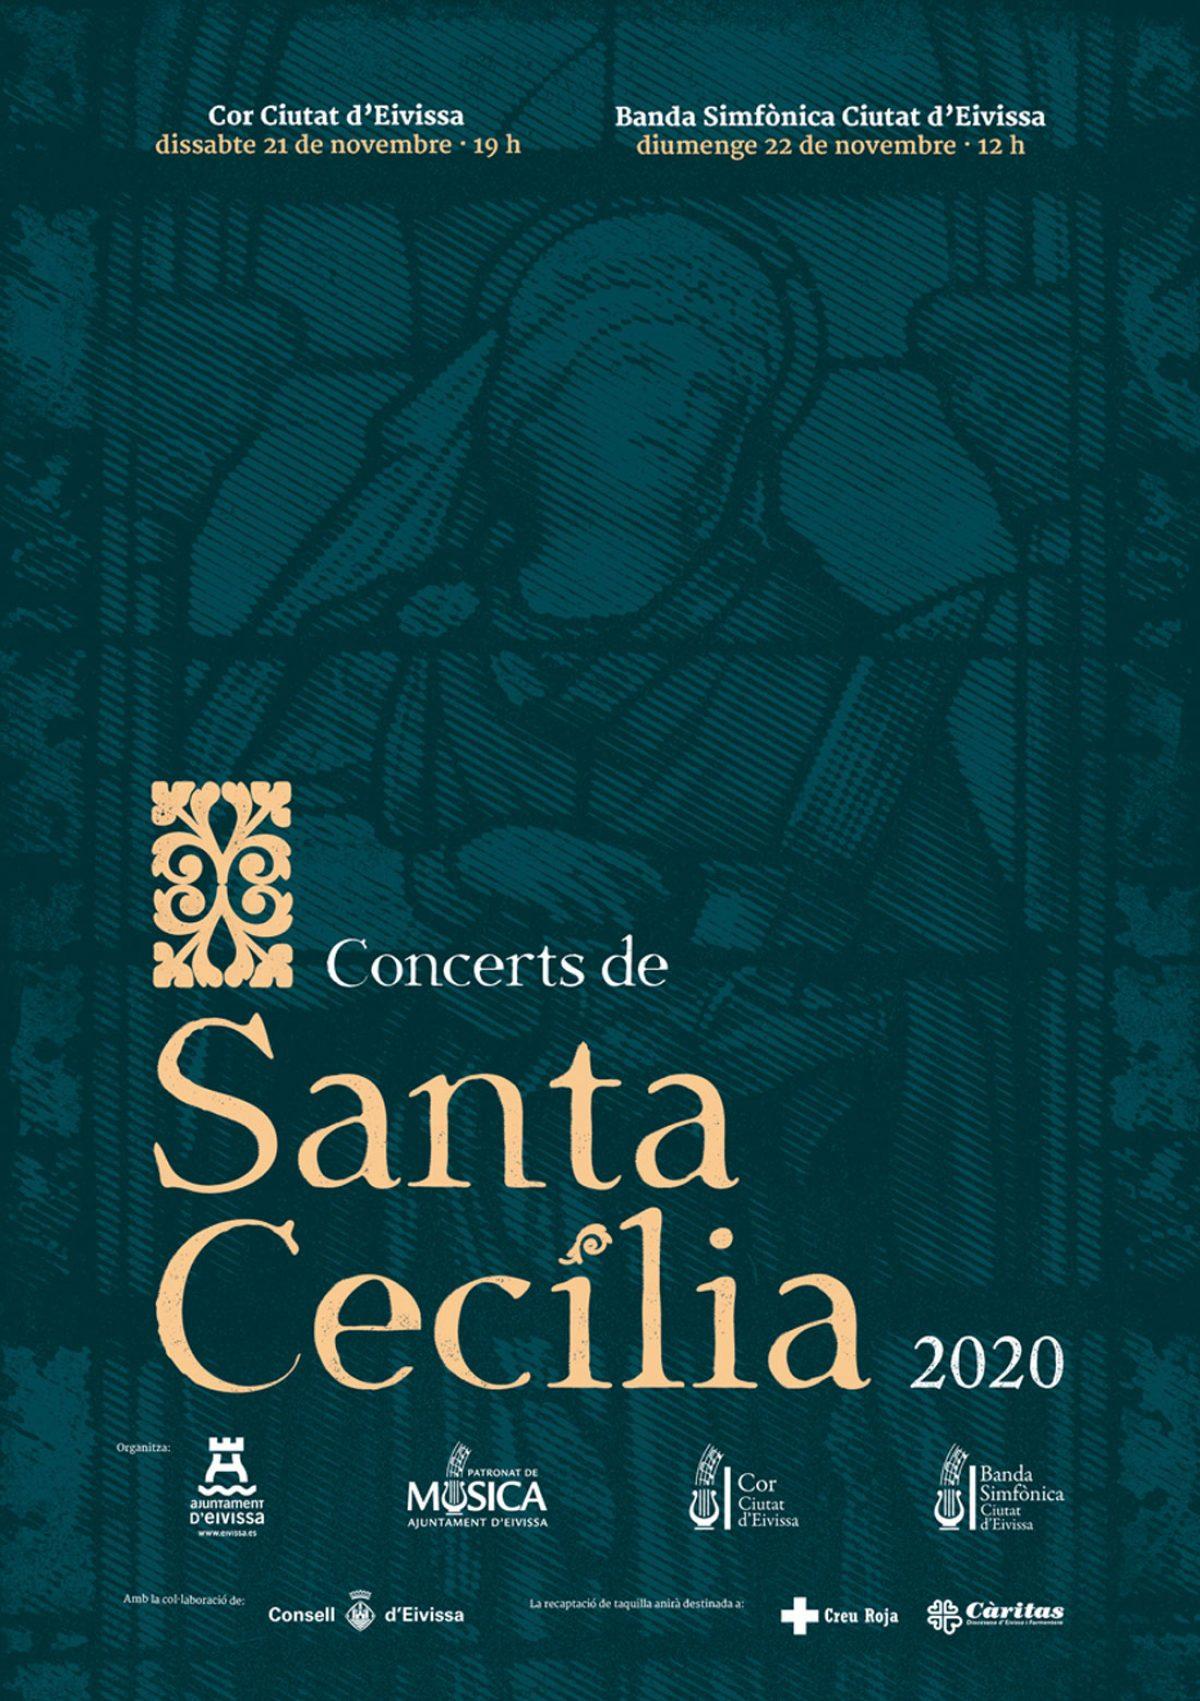 konzerte-von-santa-cecilia-ibiza-2020-welcometoibiza